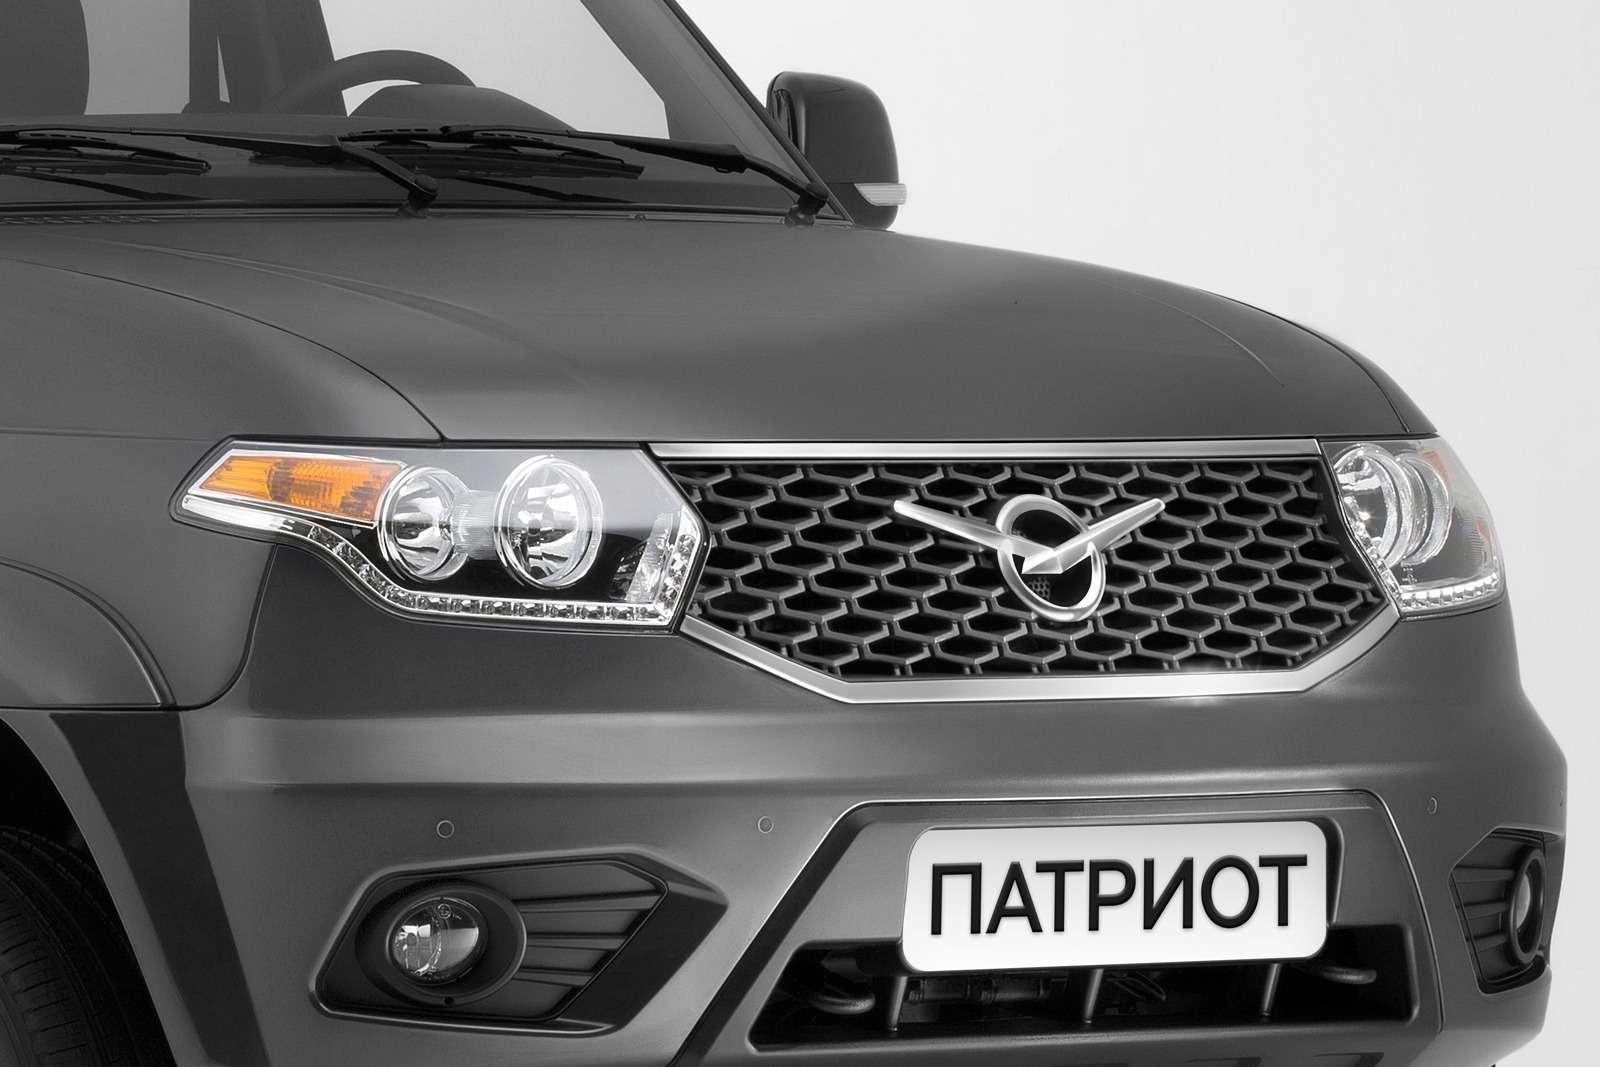 Обновленный УАЗ Патриот нацелился наэкспорт— фото 648338